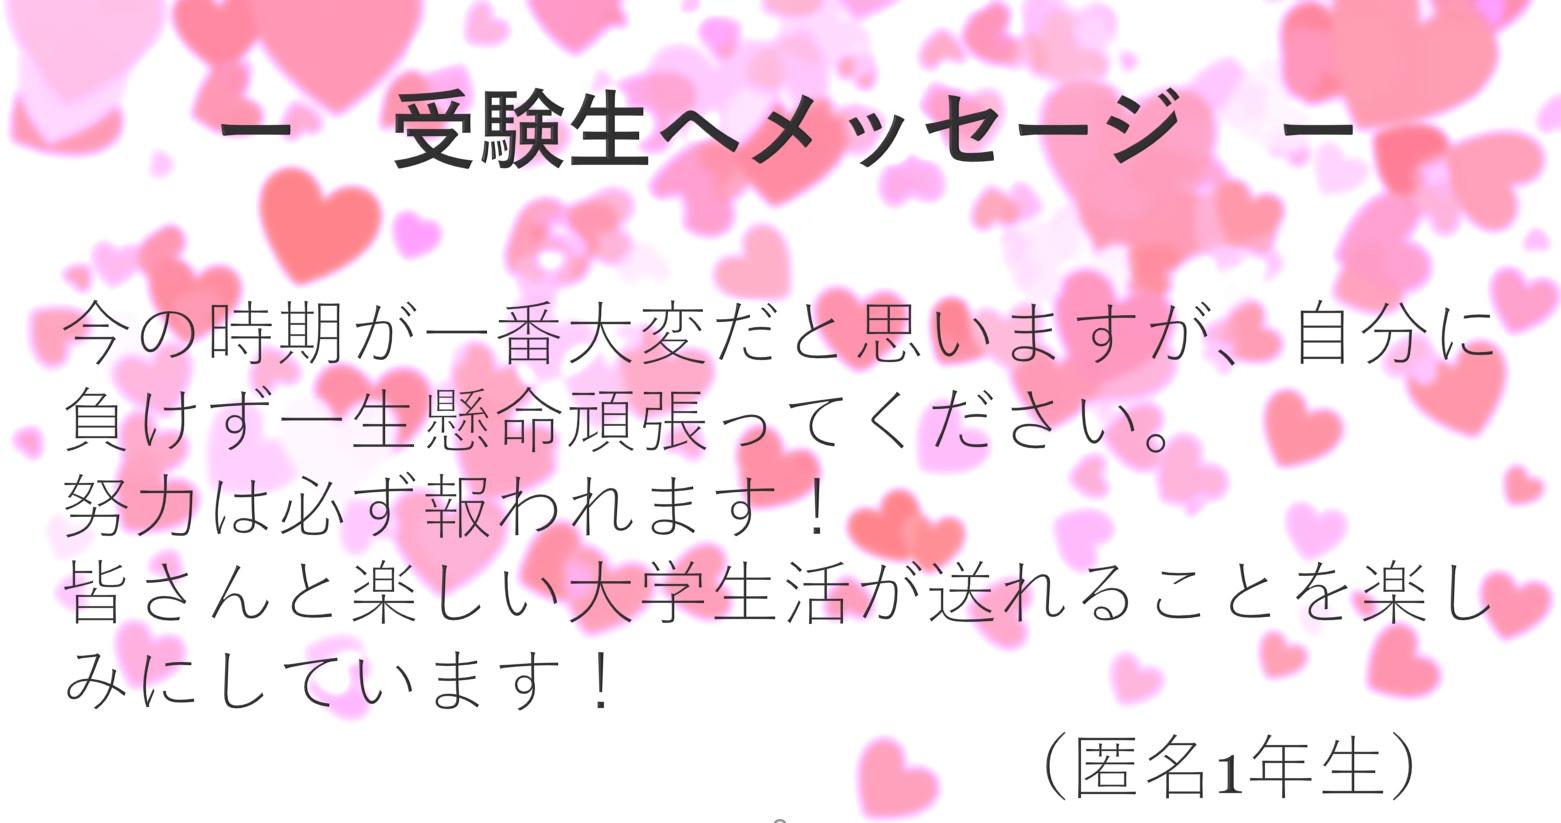 【学生通信】私の総合型選抜プレゼン体験談!